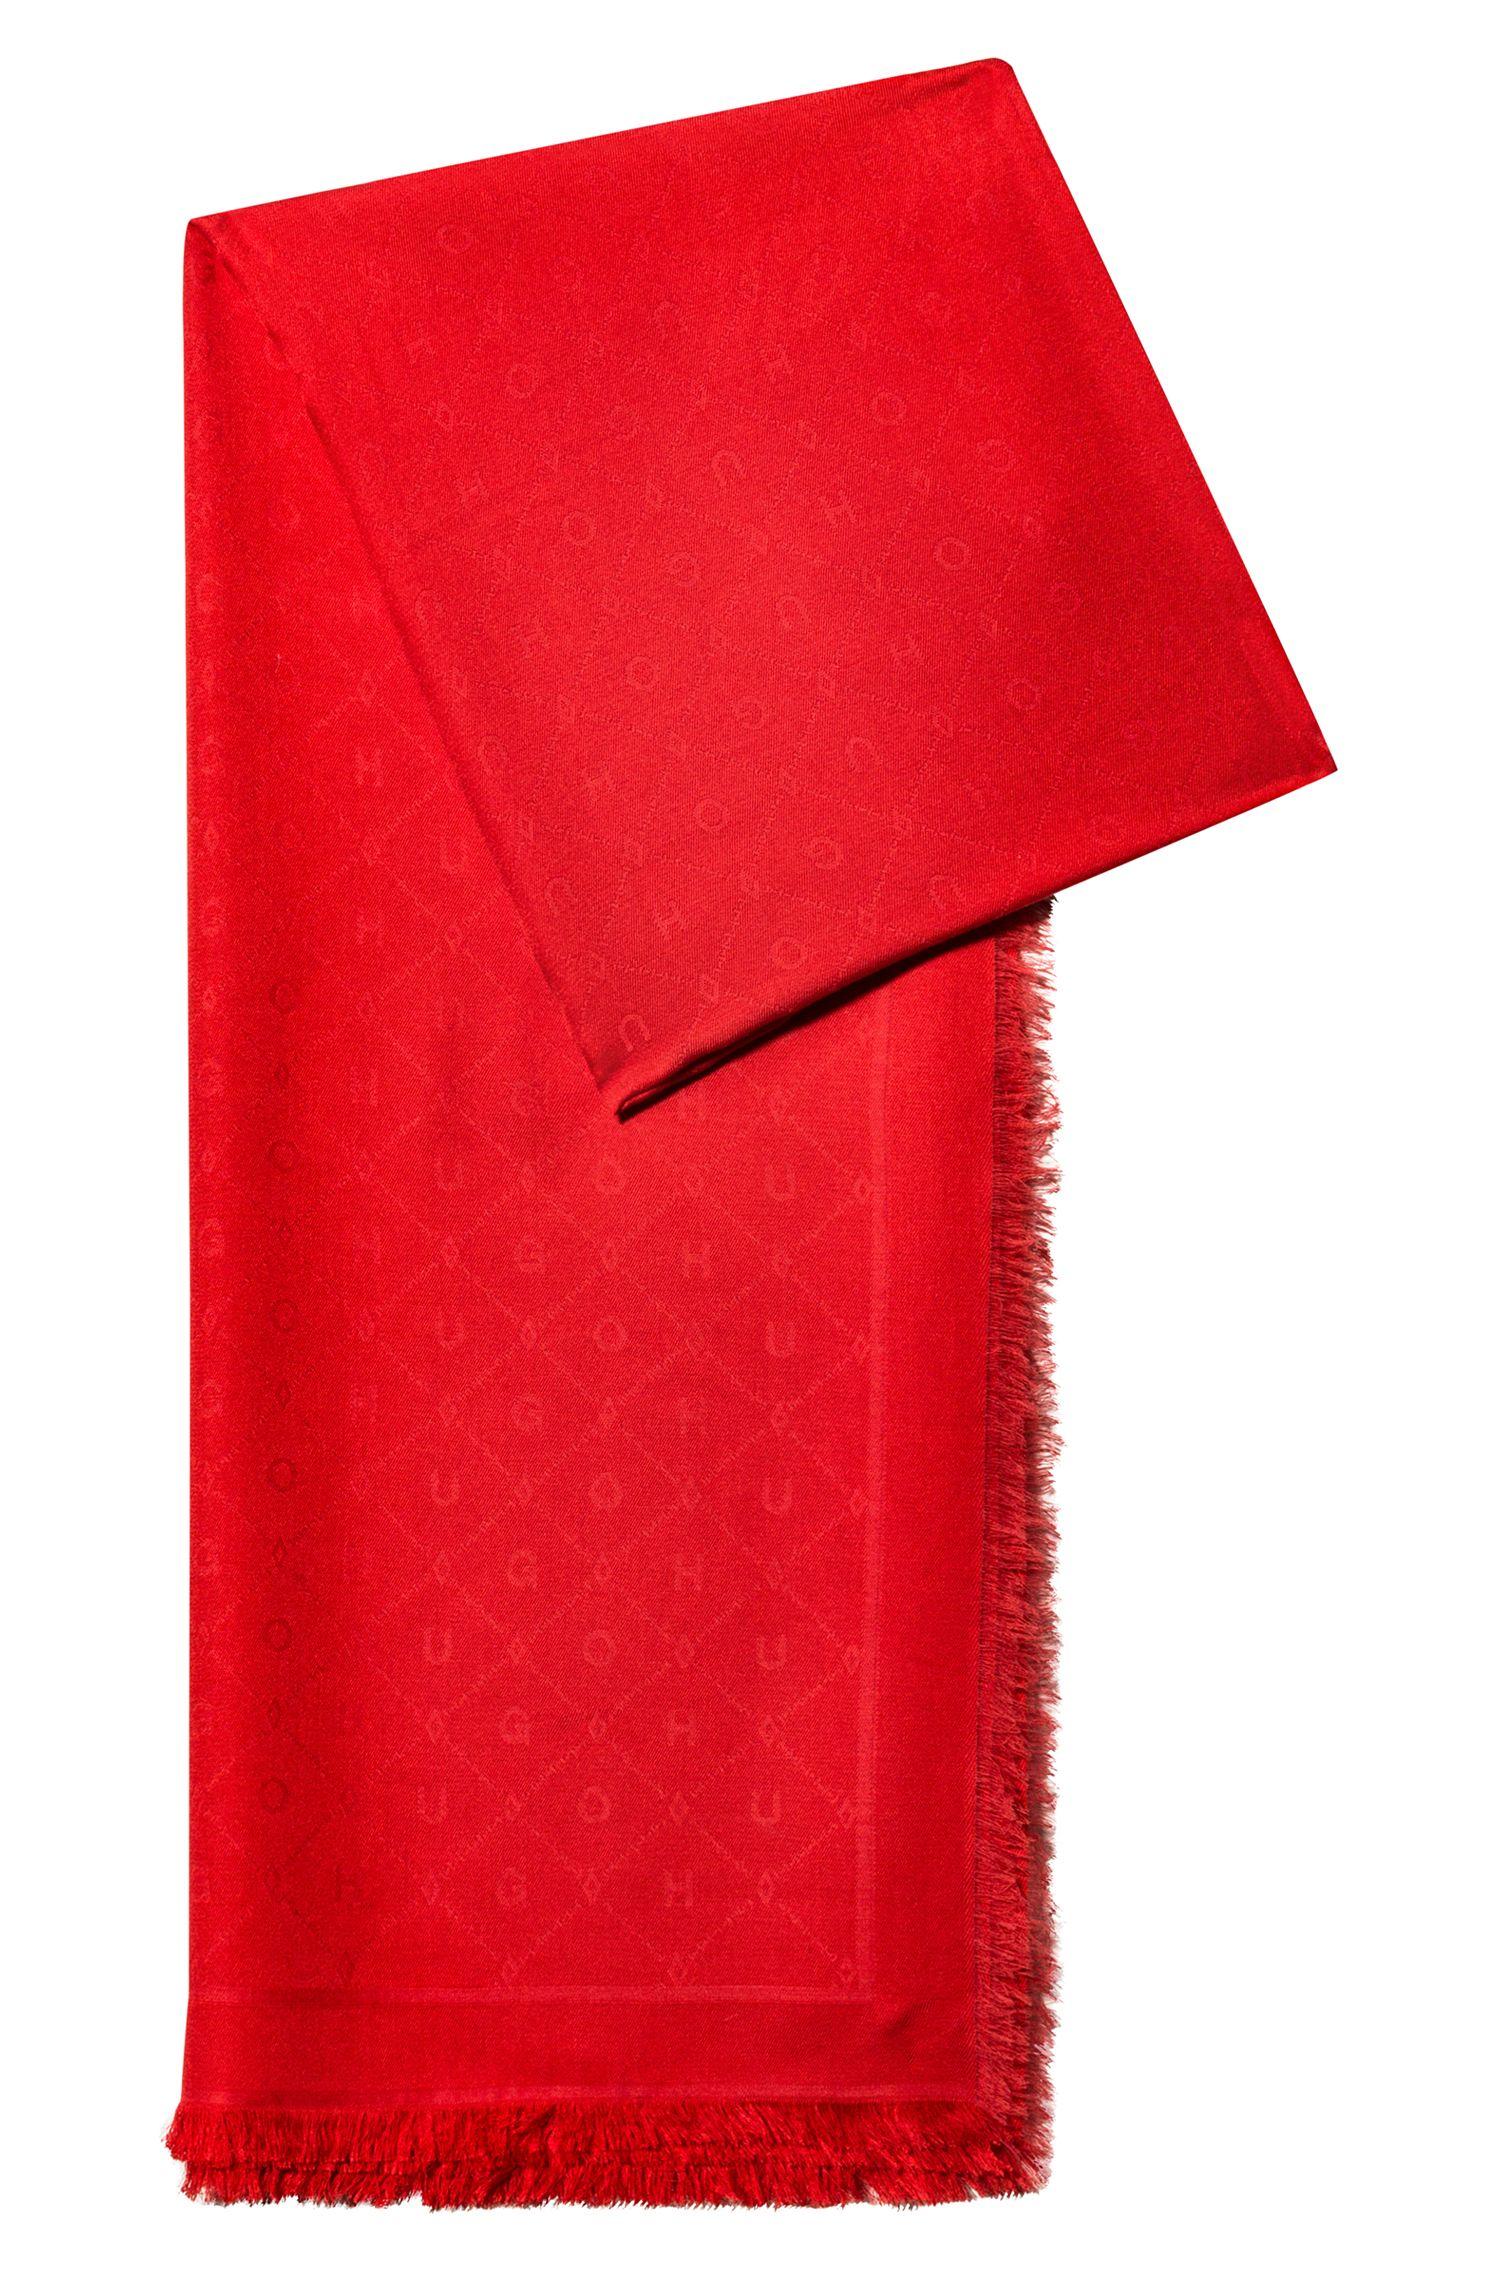 Jacquard-Schal mit Ton in Ton gehaltenem Logo-Muster, Rot